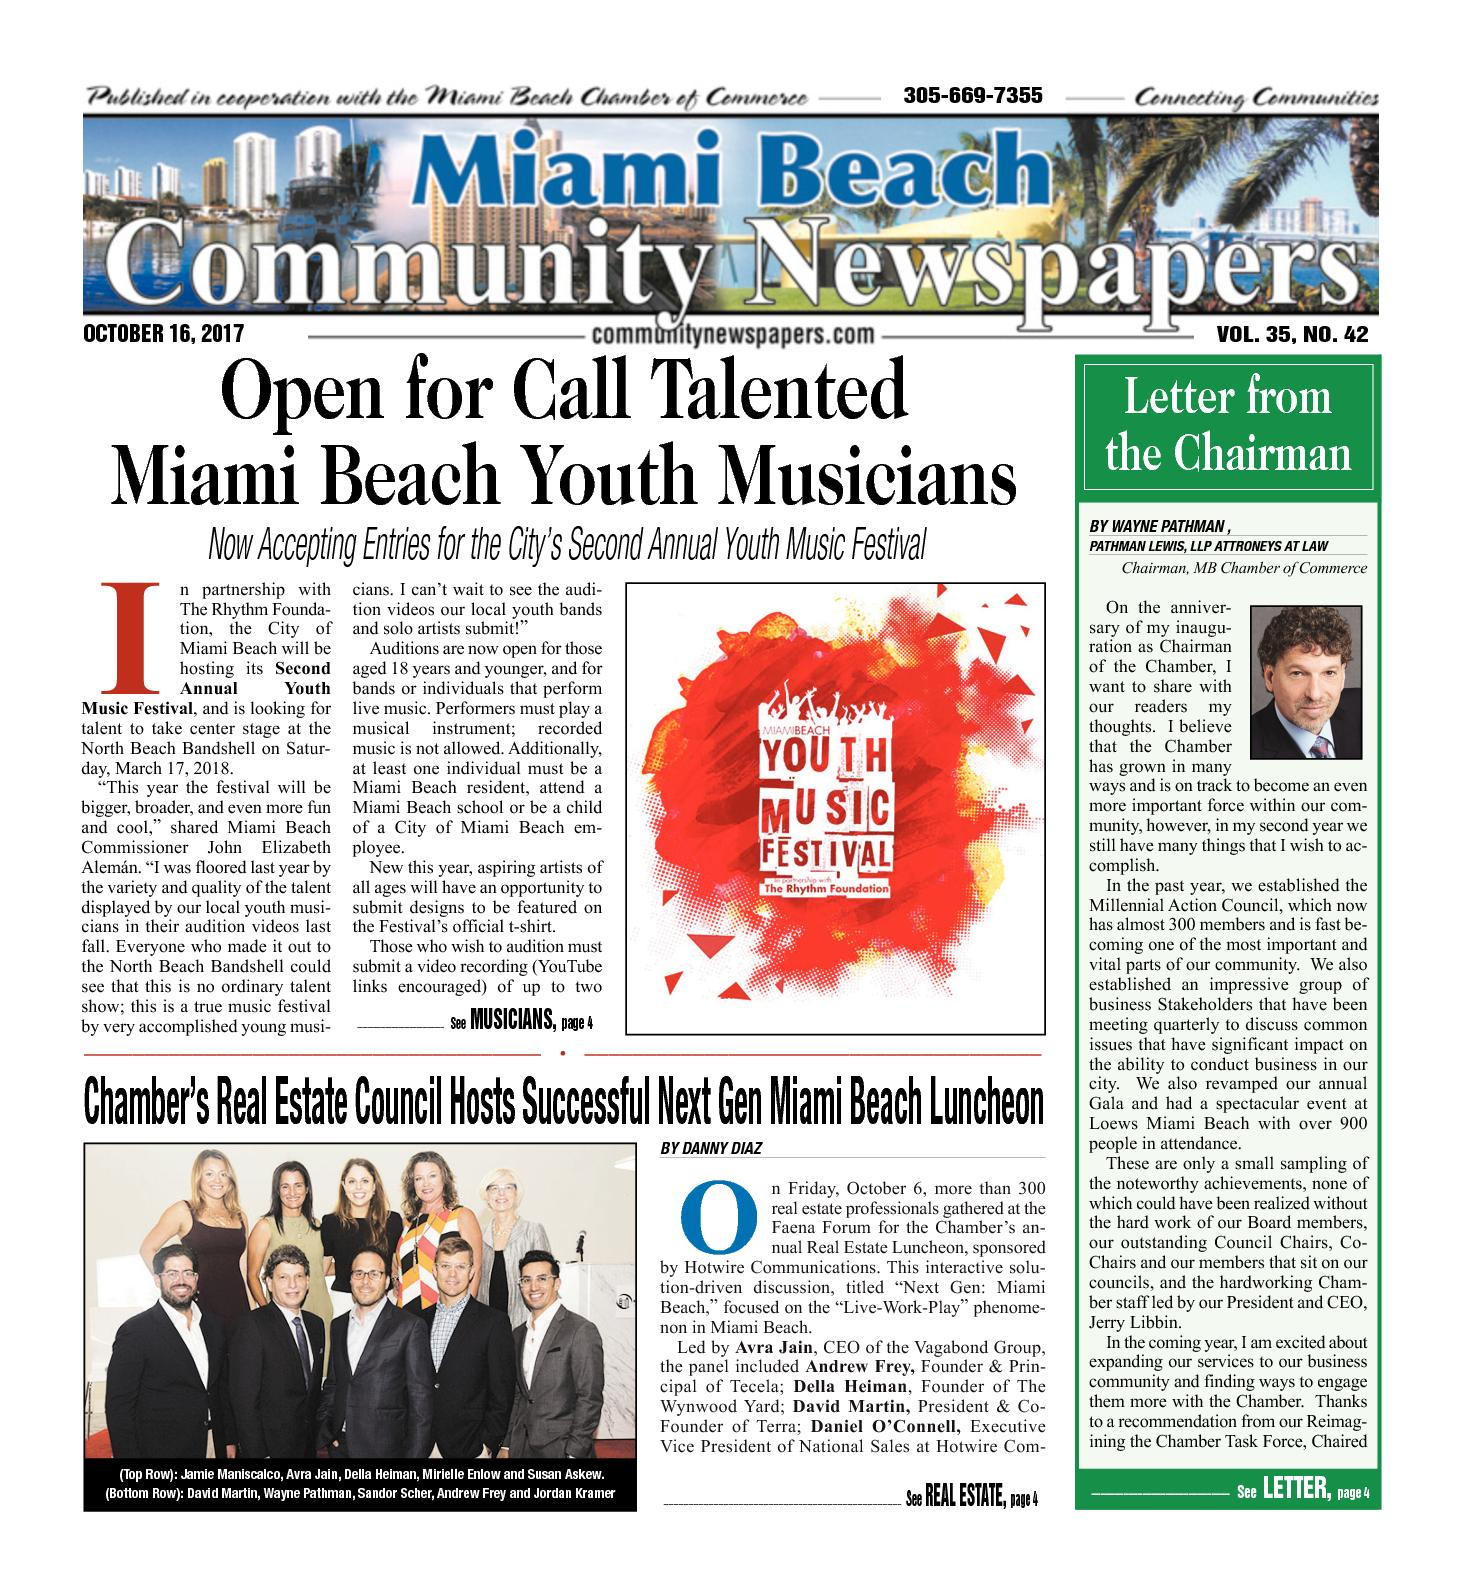 Salon De Jardin De Luxe Inspirant Calaméo Miami Beach News 10 16 2017 Of 40 Élégant Salon De Jardin De Luxe